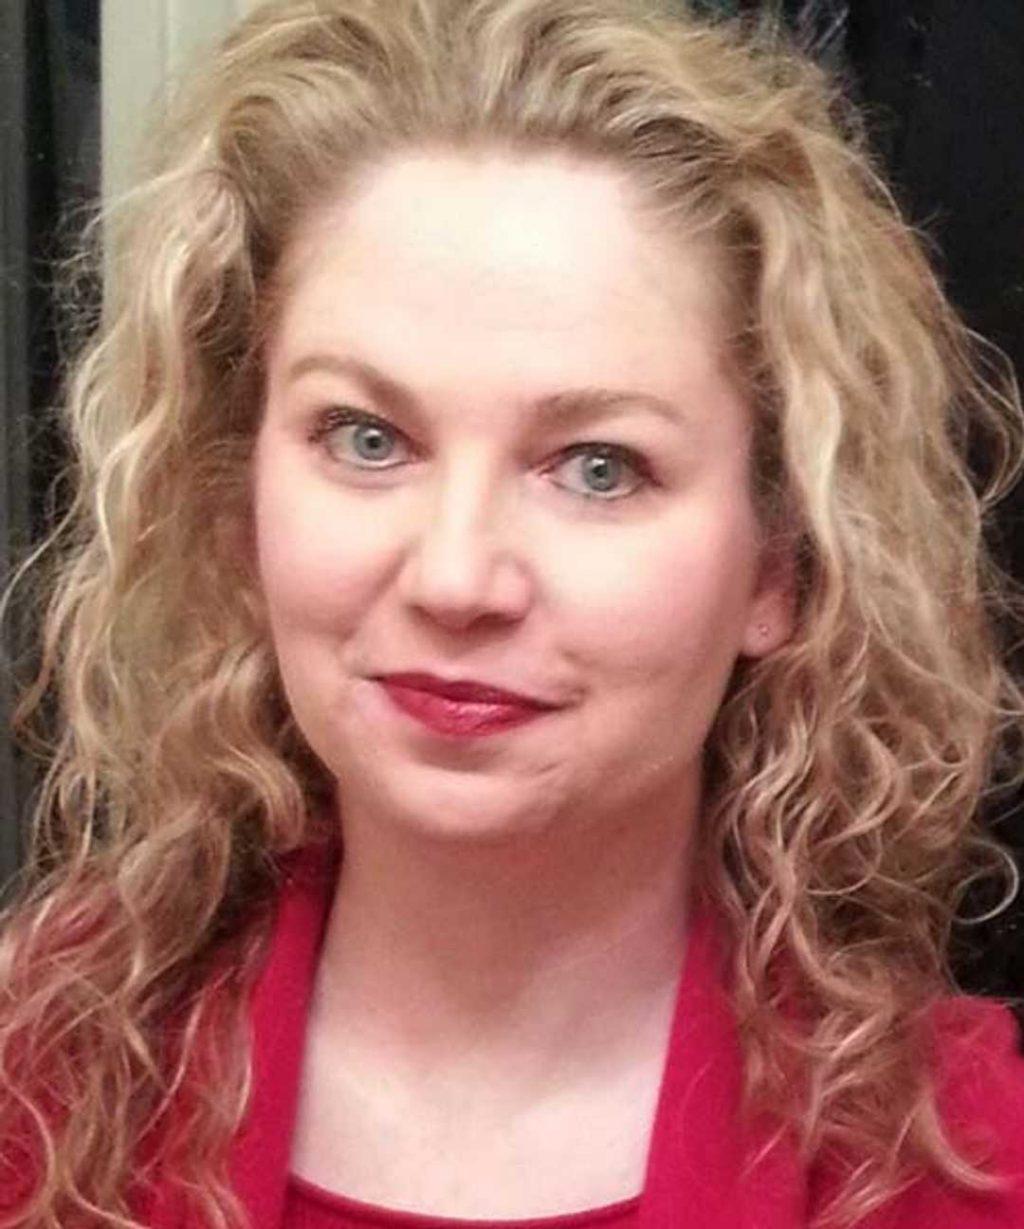 O profesoară de la Universitatea de stat din Missouri vorbește despre reacțiile iscate, în timpul studierii dimensiunii penisurilor